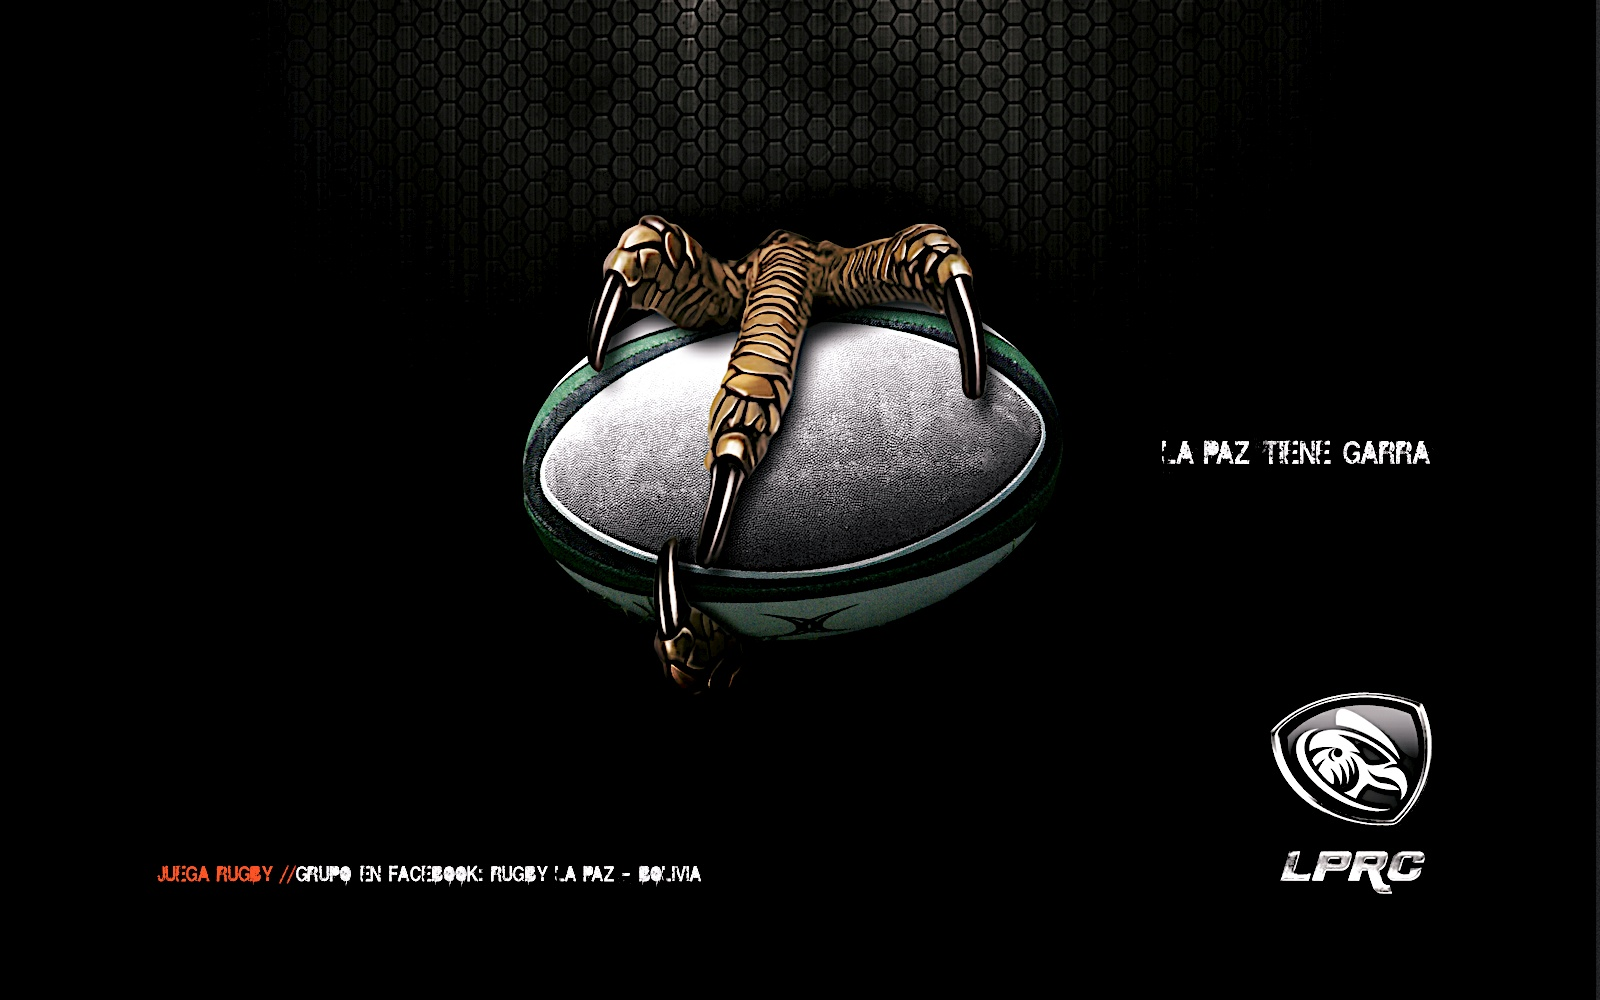 http://4.bp.blogspot.com/-dNxUVZgutCs/TtxJNpPzmHI/AAAAAAAAAnw/k1btU6oneBg/s1600/rugby-background-3-710055.jpg